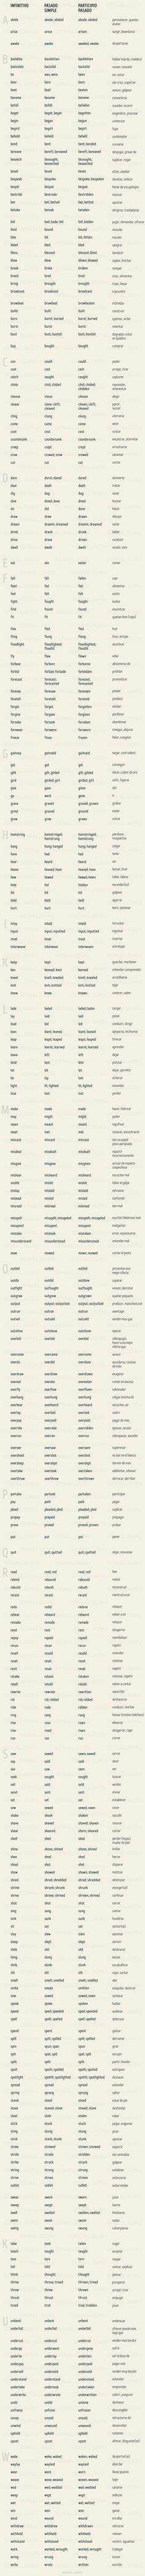 Lista completa deverbos irregulares del idioma inglés                                                                                                                                                     Más